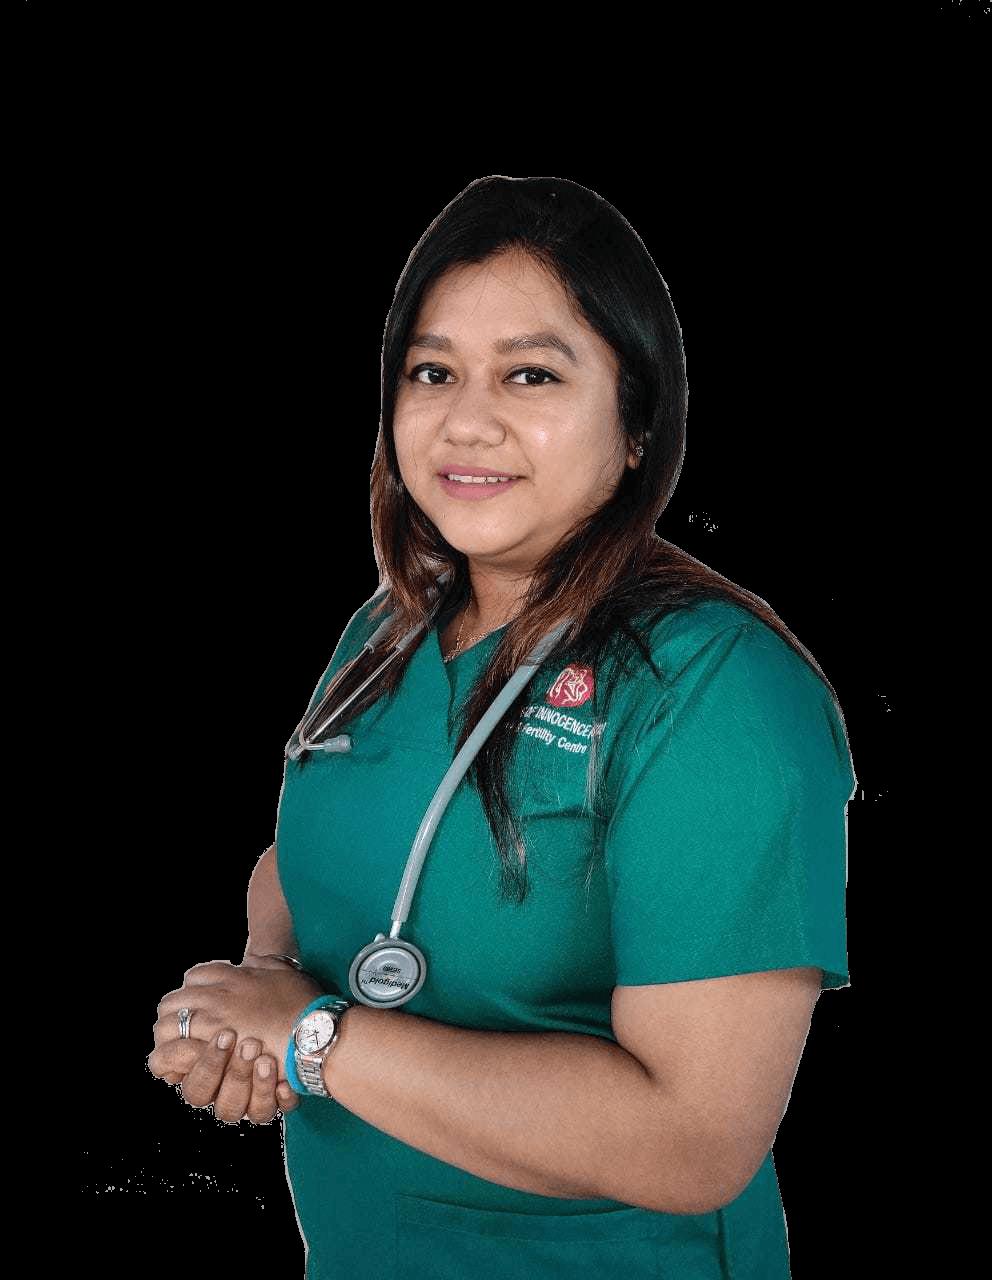 Dr. Julie Chhawchharia